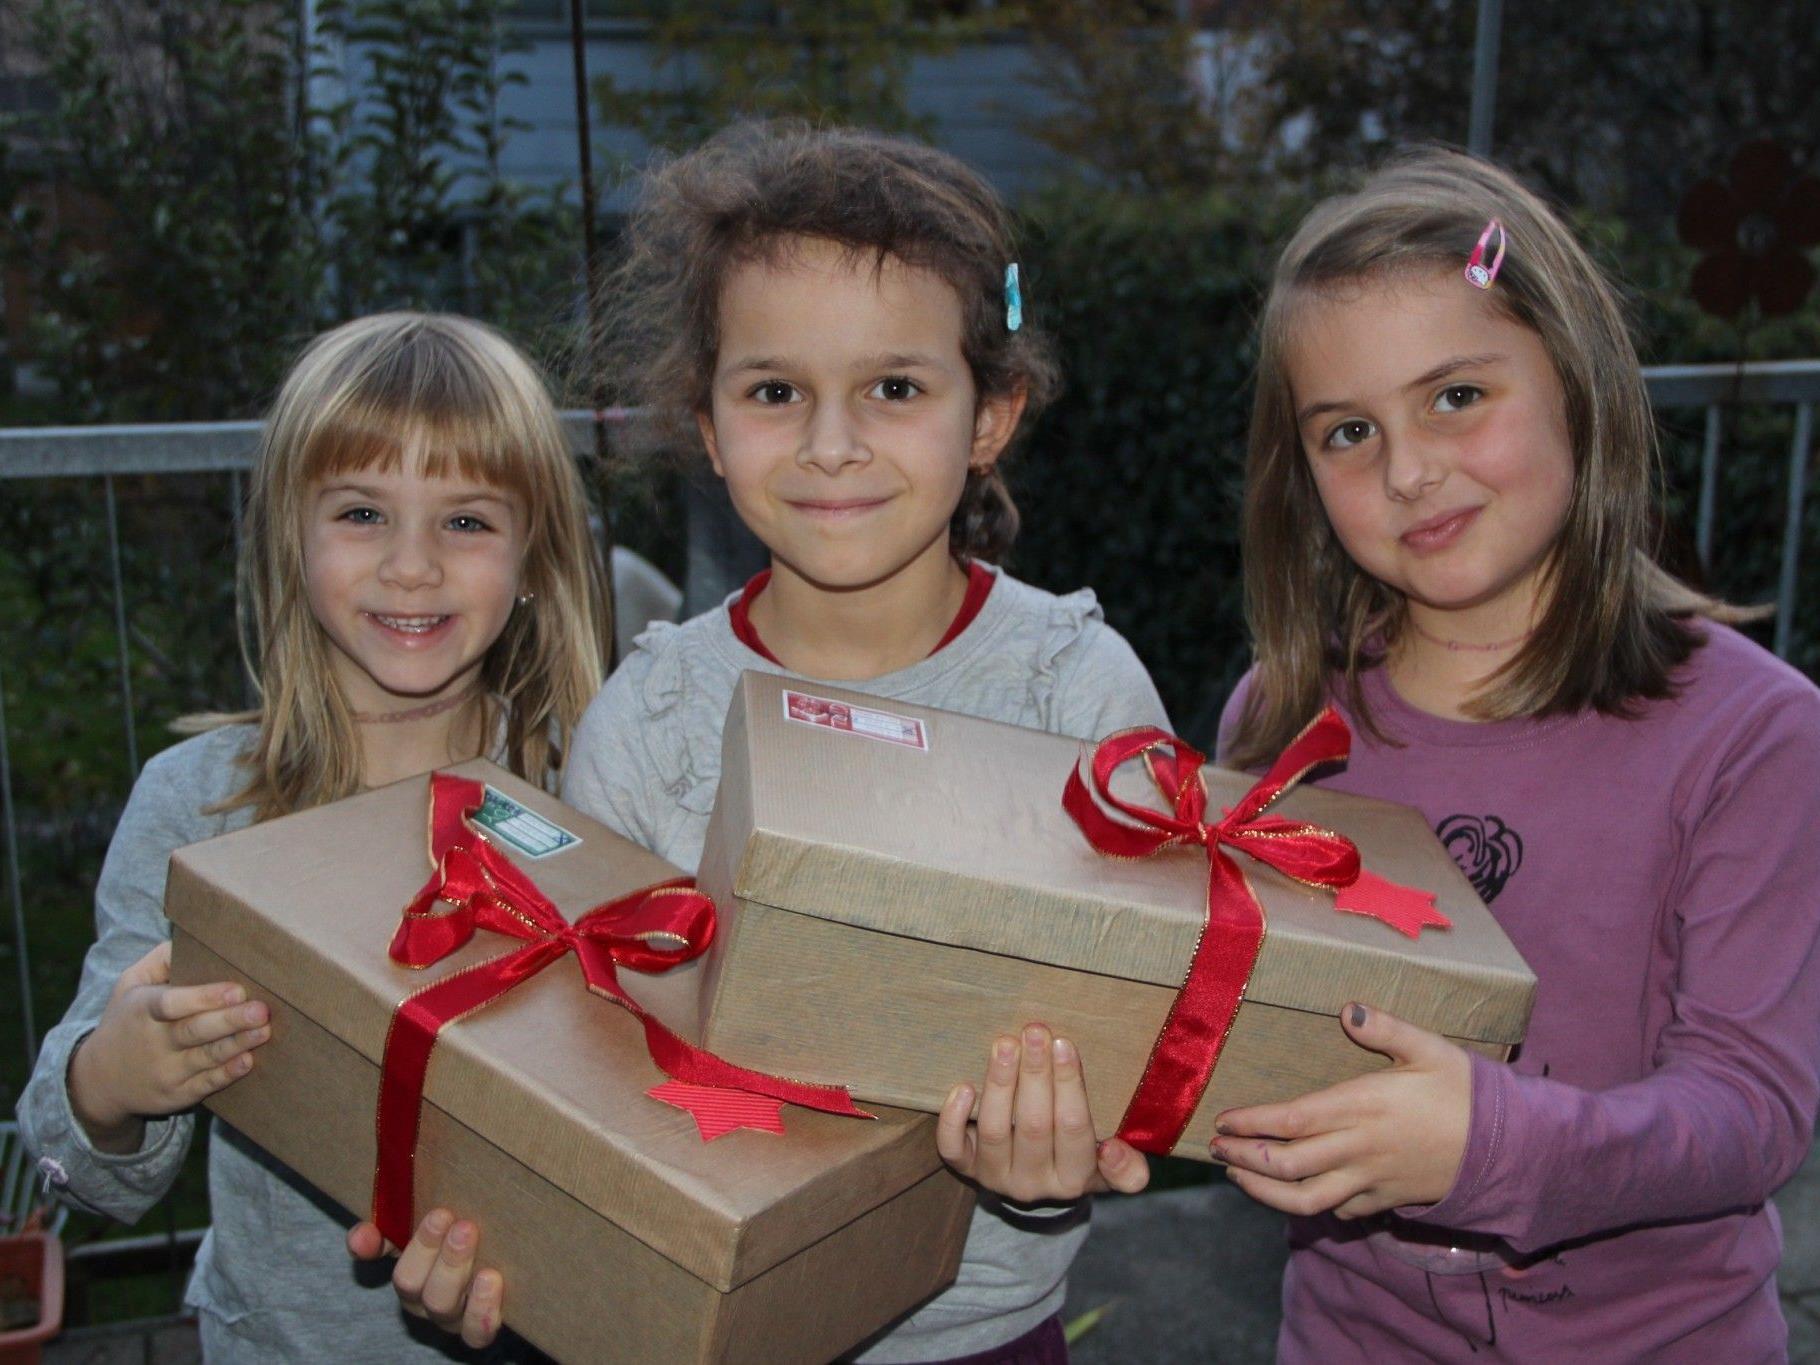 Lara, Mia und Lilly habe ihre Schuhkartons bereits mit Freude verpackt.